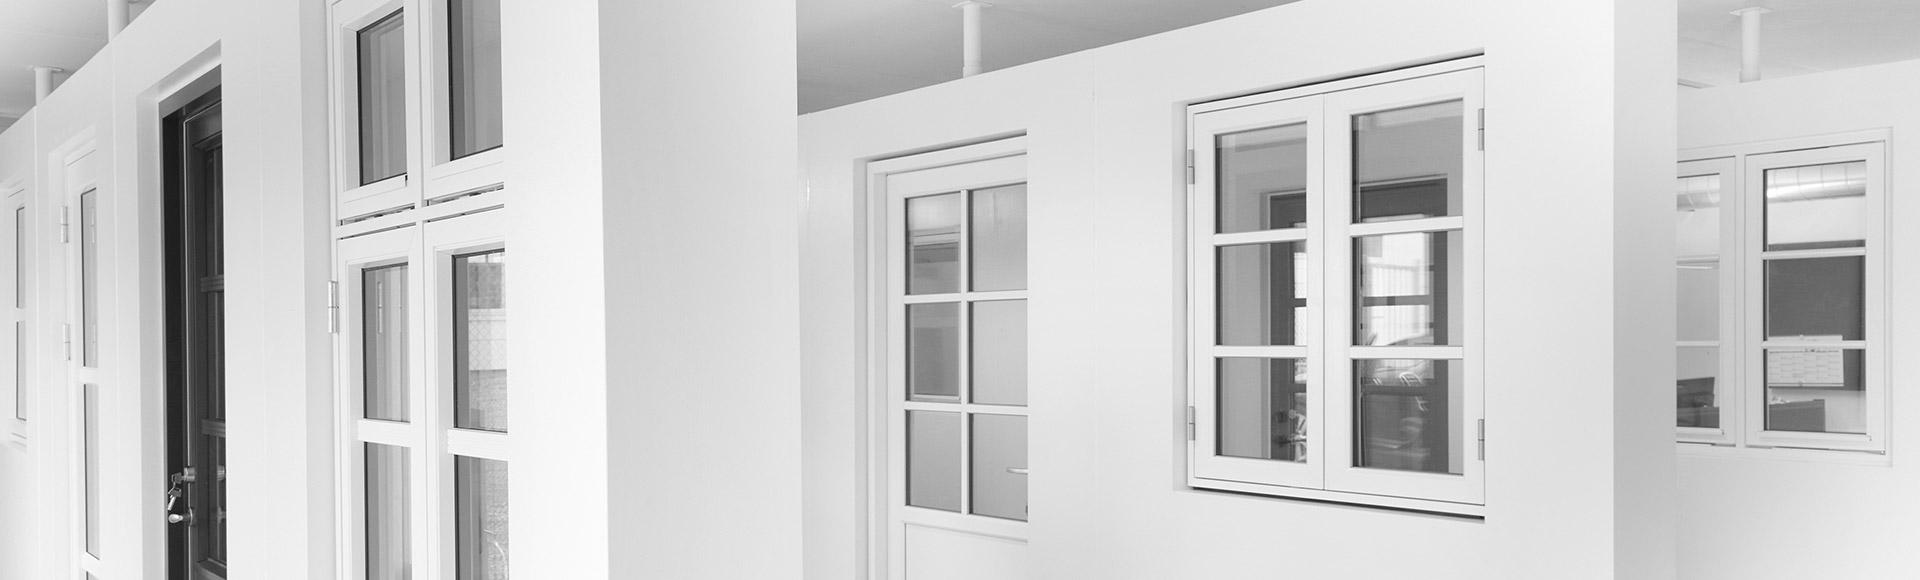 Full Size of Dänische Fenster Nach Ma Kaufen 30 Webrabatt Sparfenster Trier Landhaus Winkhaus Runde Sichtschutzfolien Für Dreh Kipp Tauschen Sonnenschutzfolie Innen Fenster Dänische Fenster